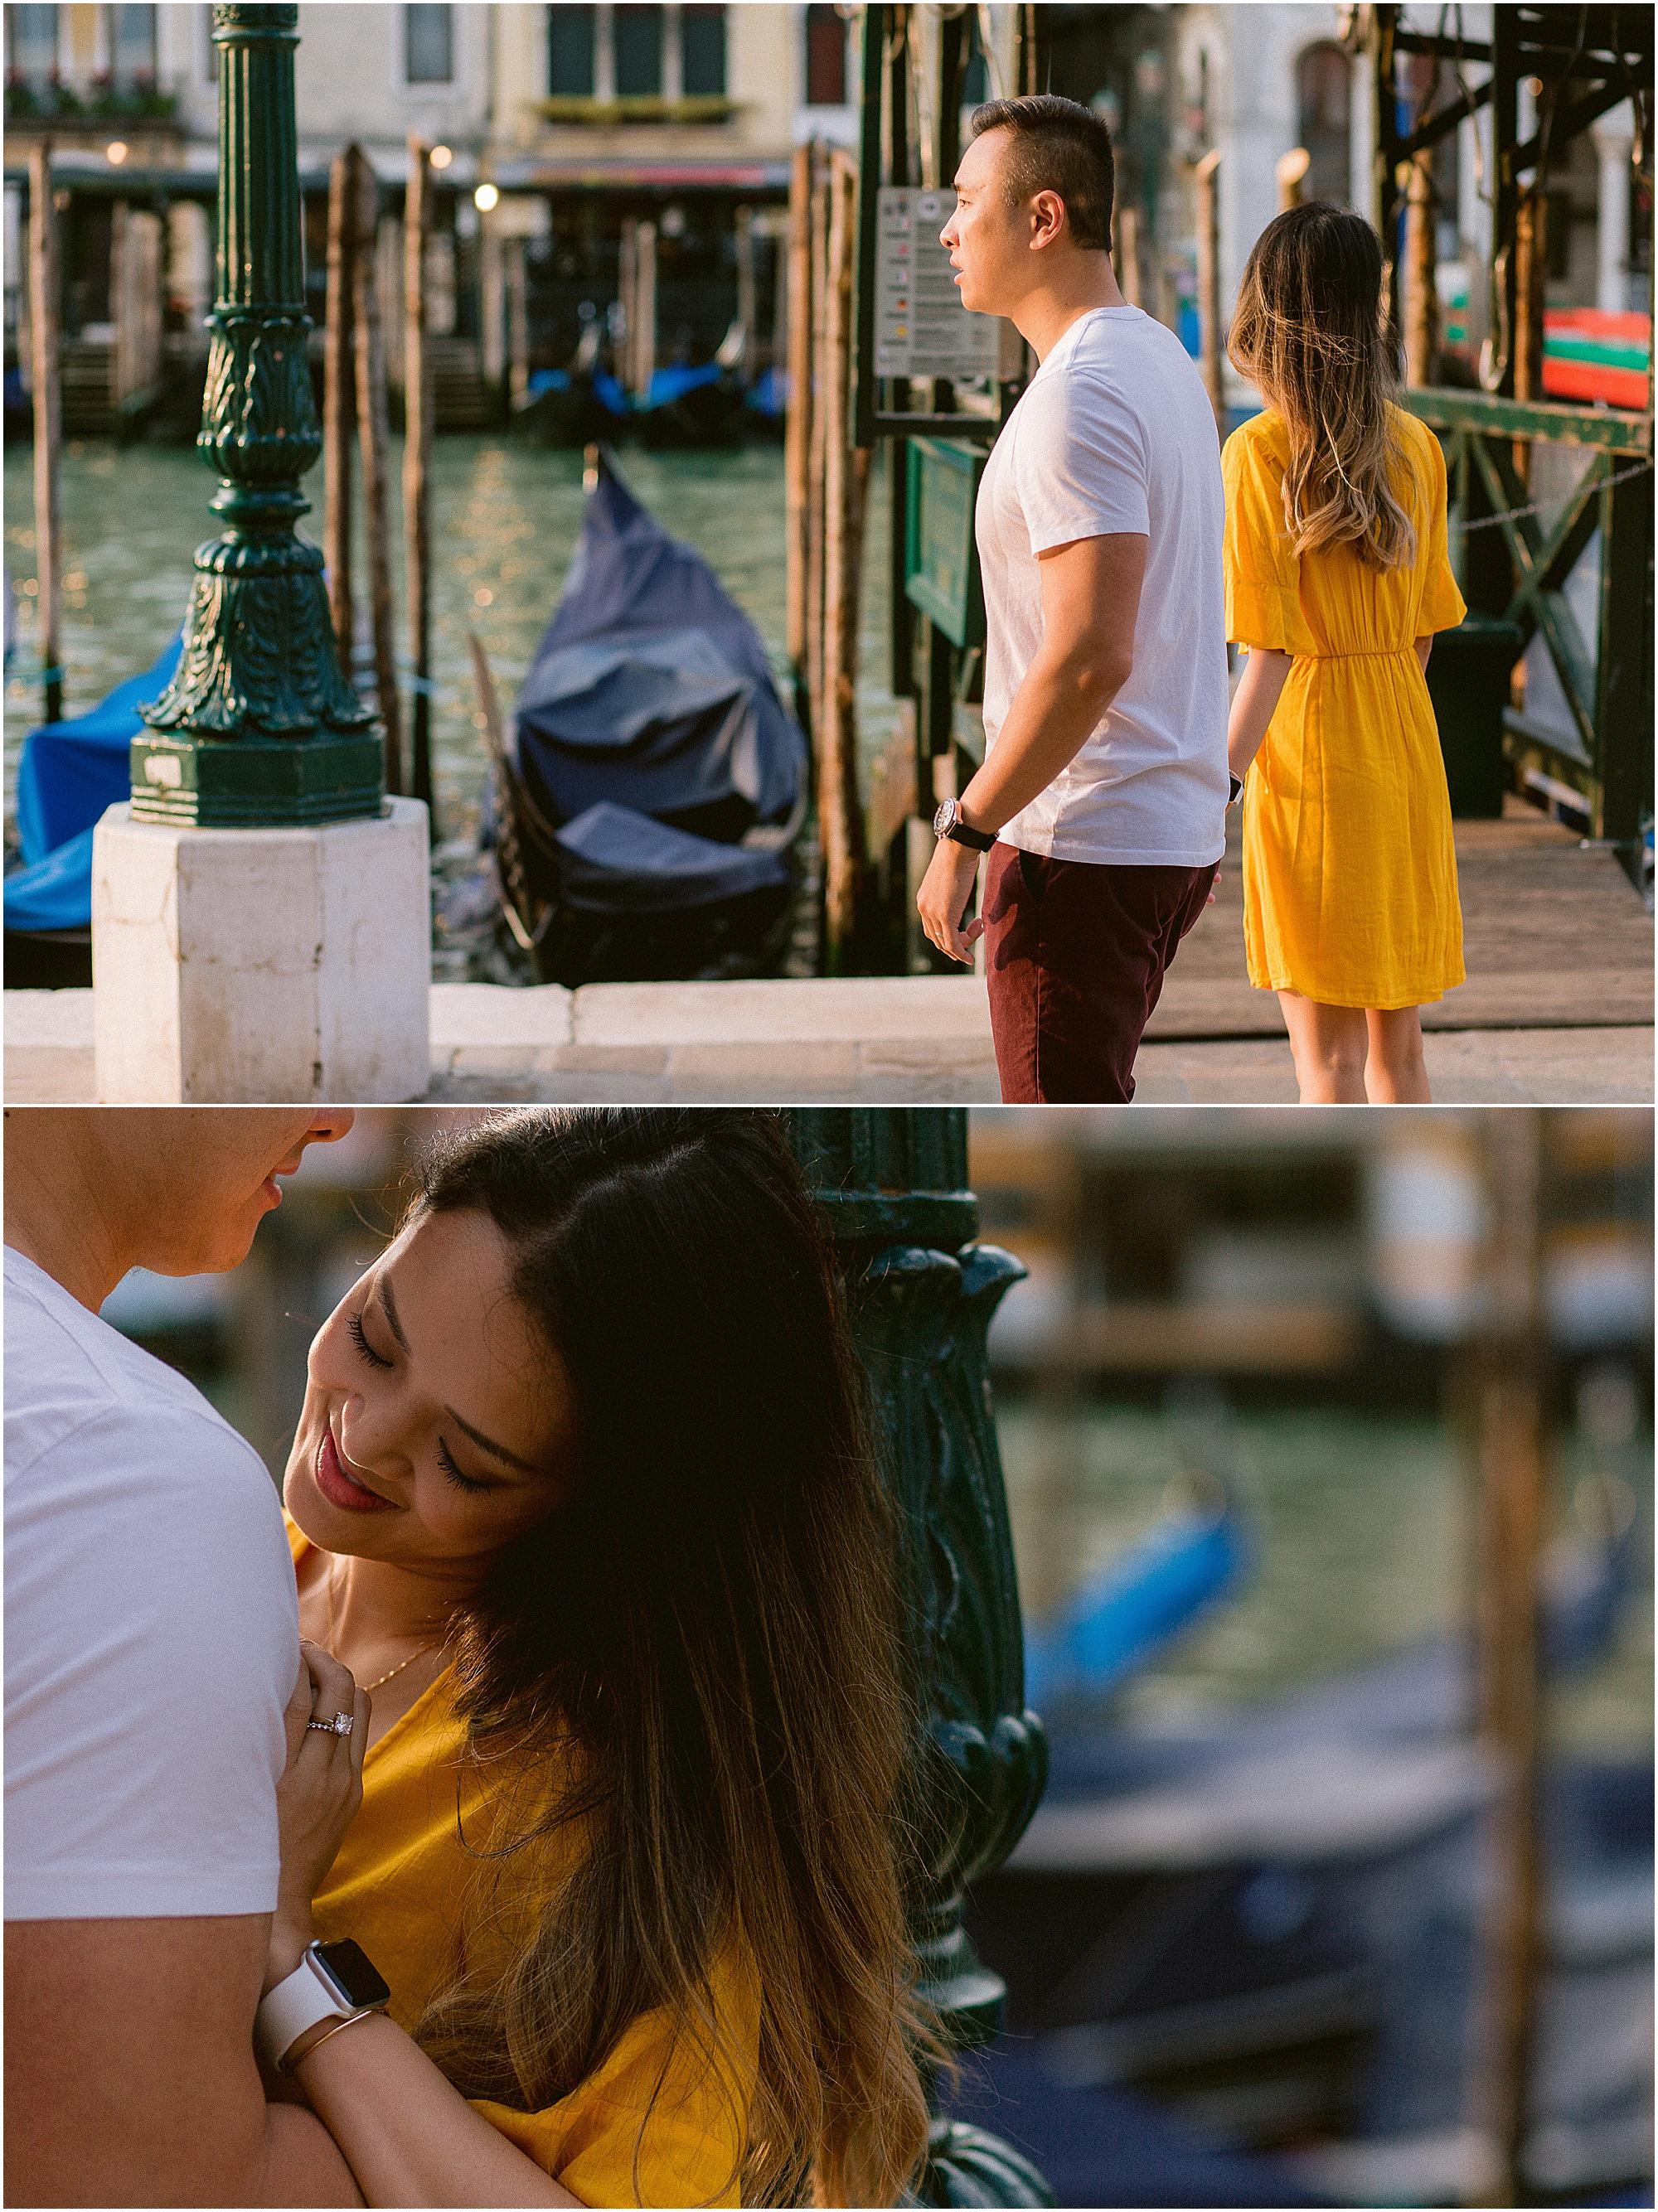 couple-lifestyle-photoshoot-in-venice-gondola-sunrise-stefano-degirmenci_0116.jpg